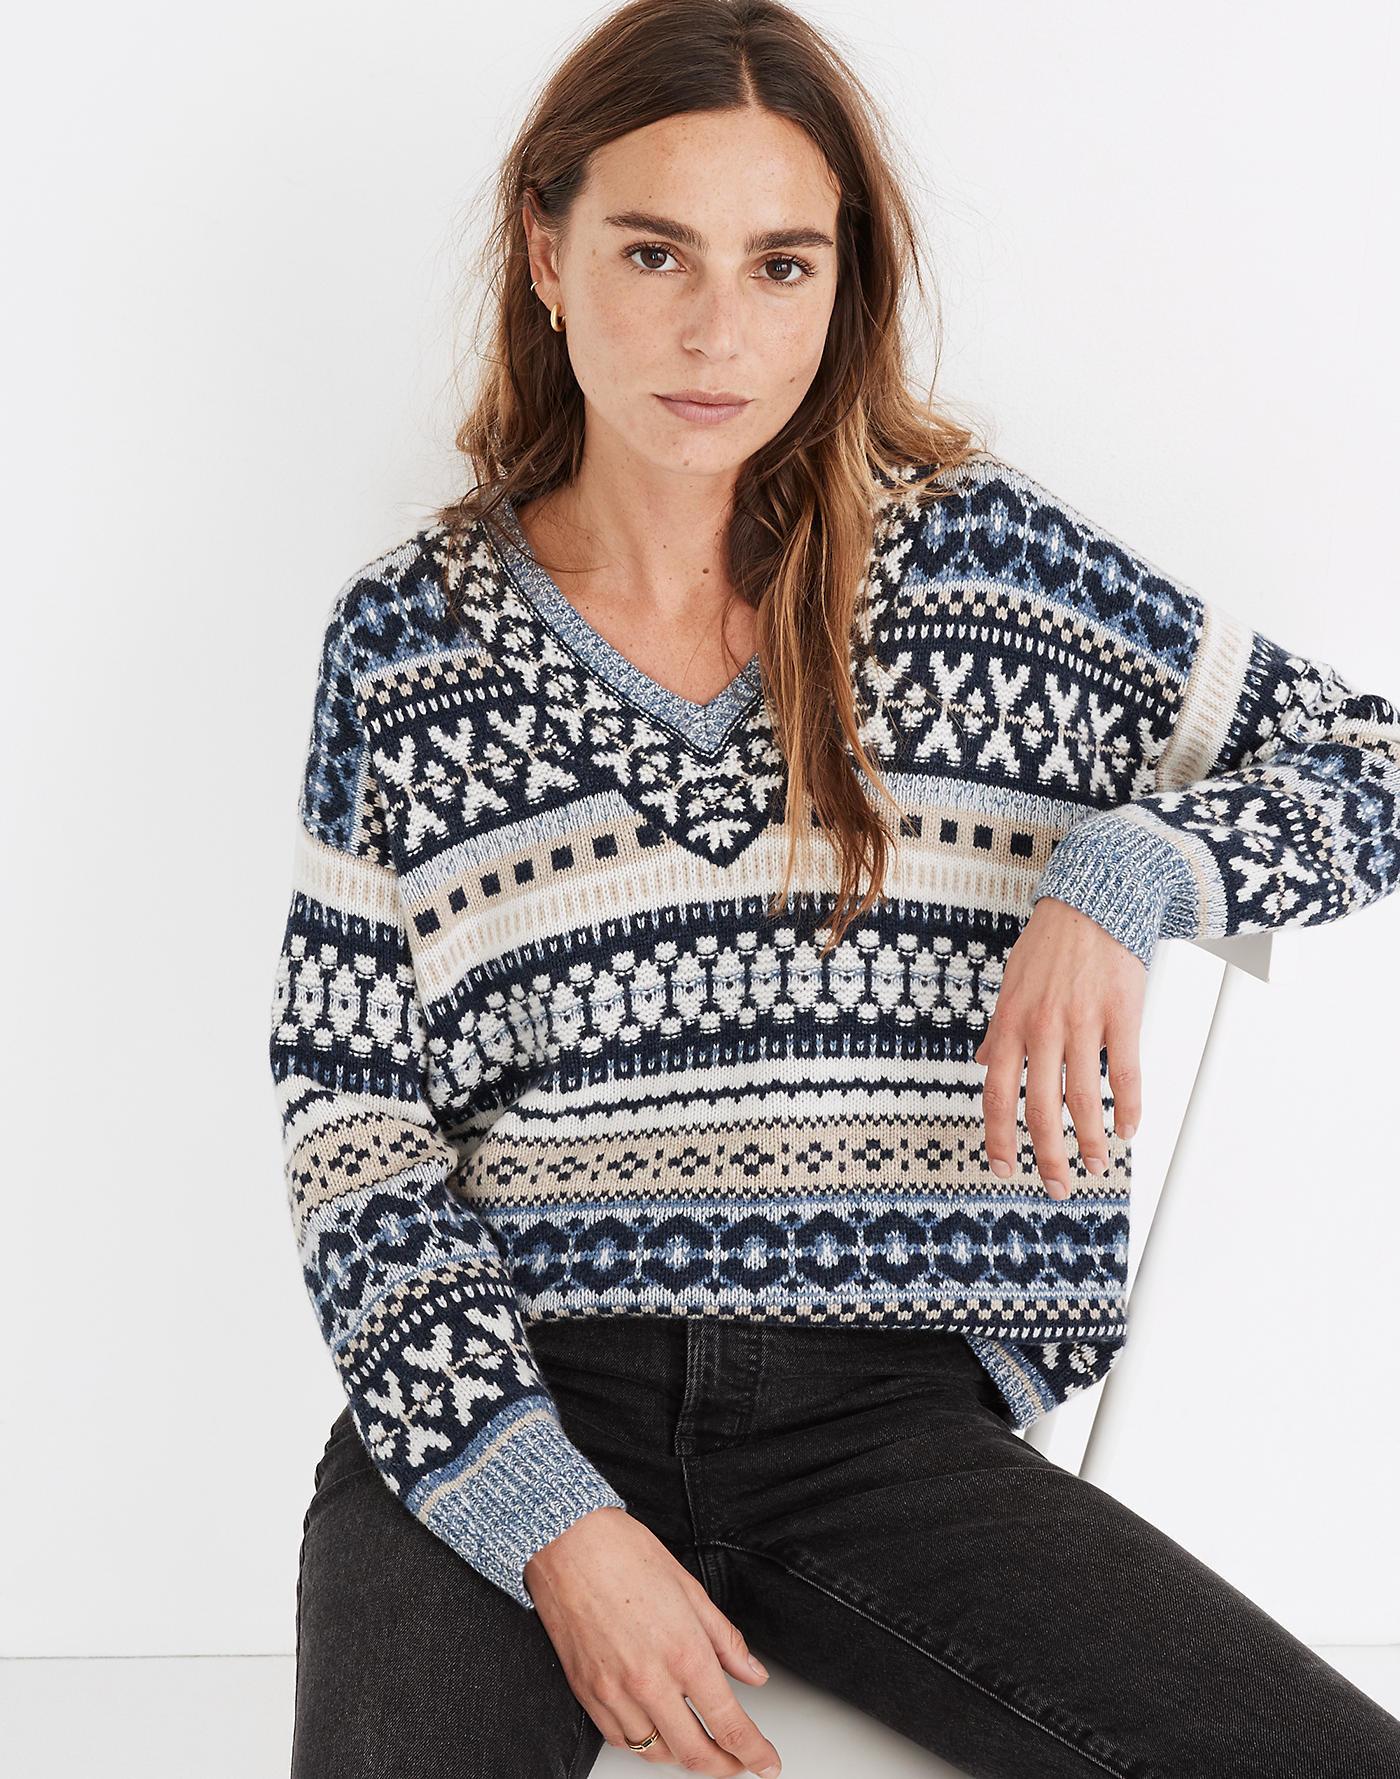 Model wearing blue patterned sweater